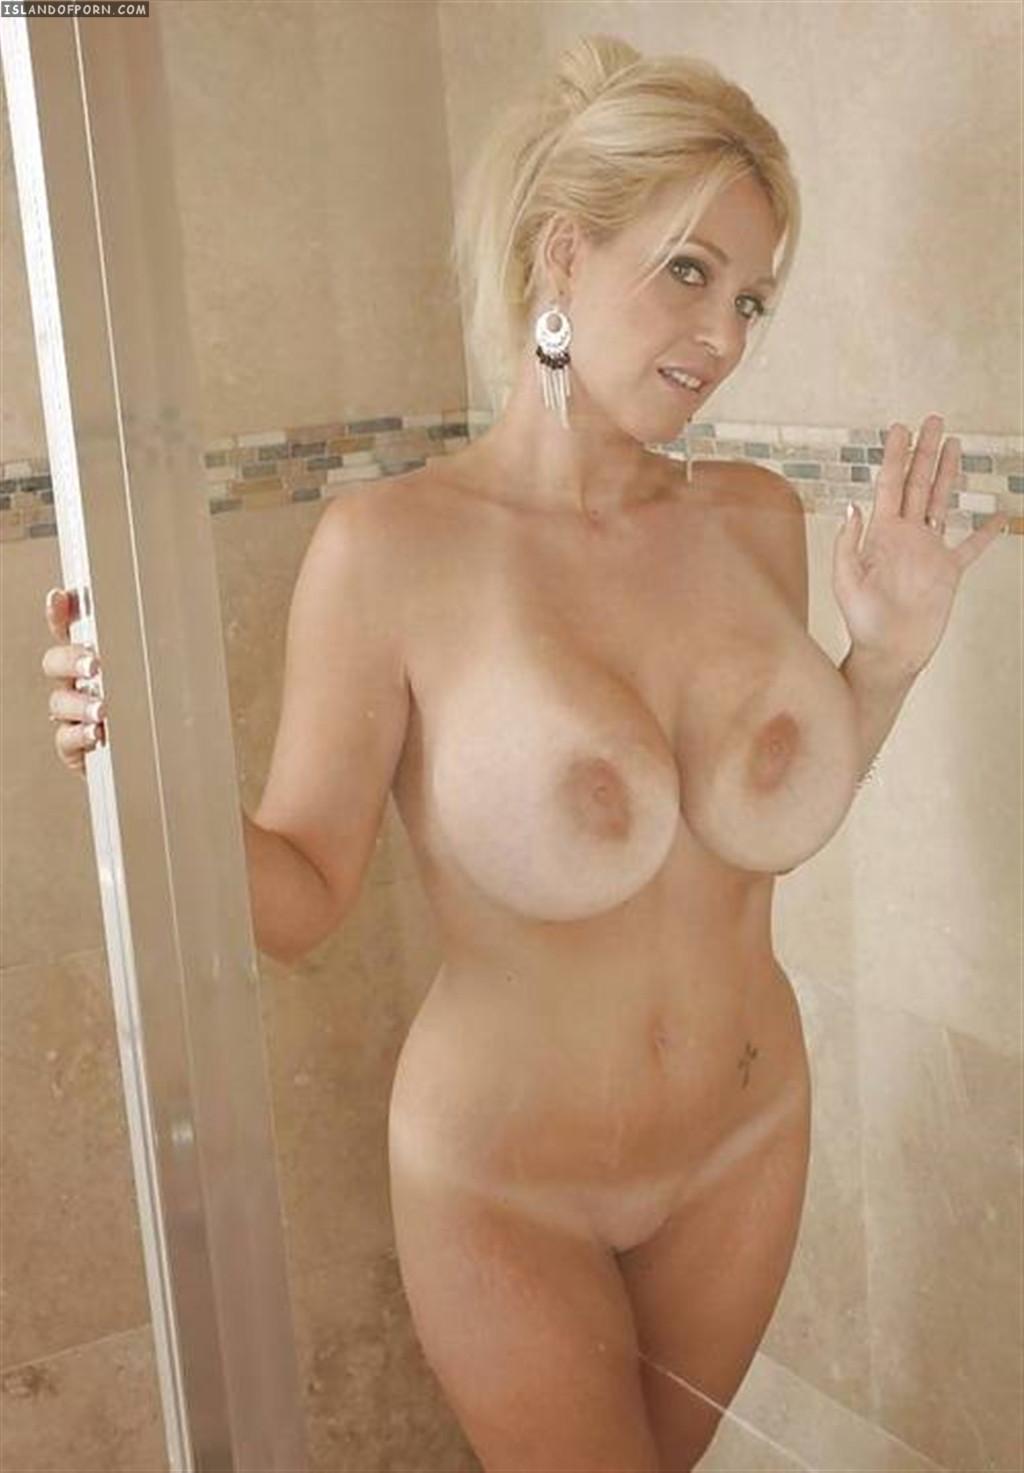 Смотреть фото голых женщин возраст 30 40 5 фотография